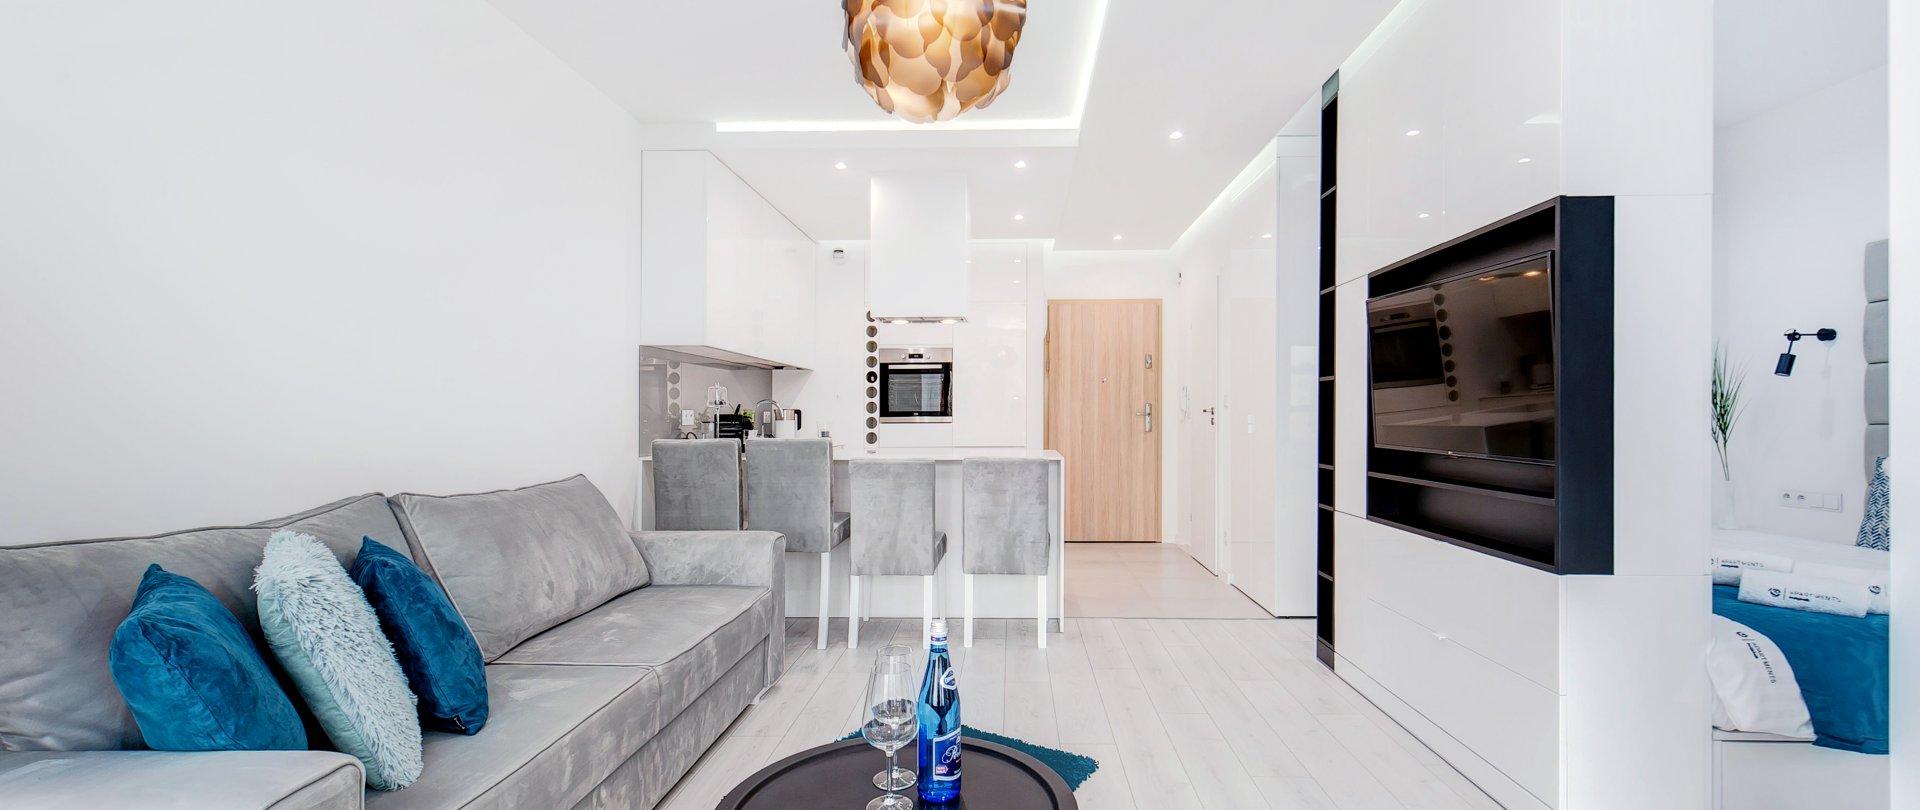 Deluxe type apartment (15)